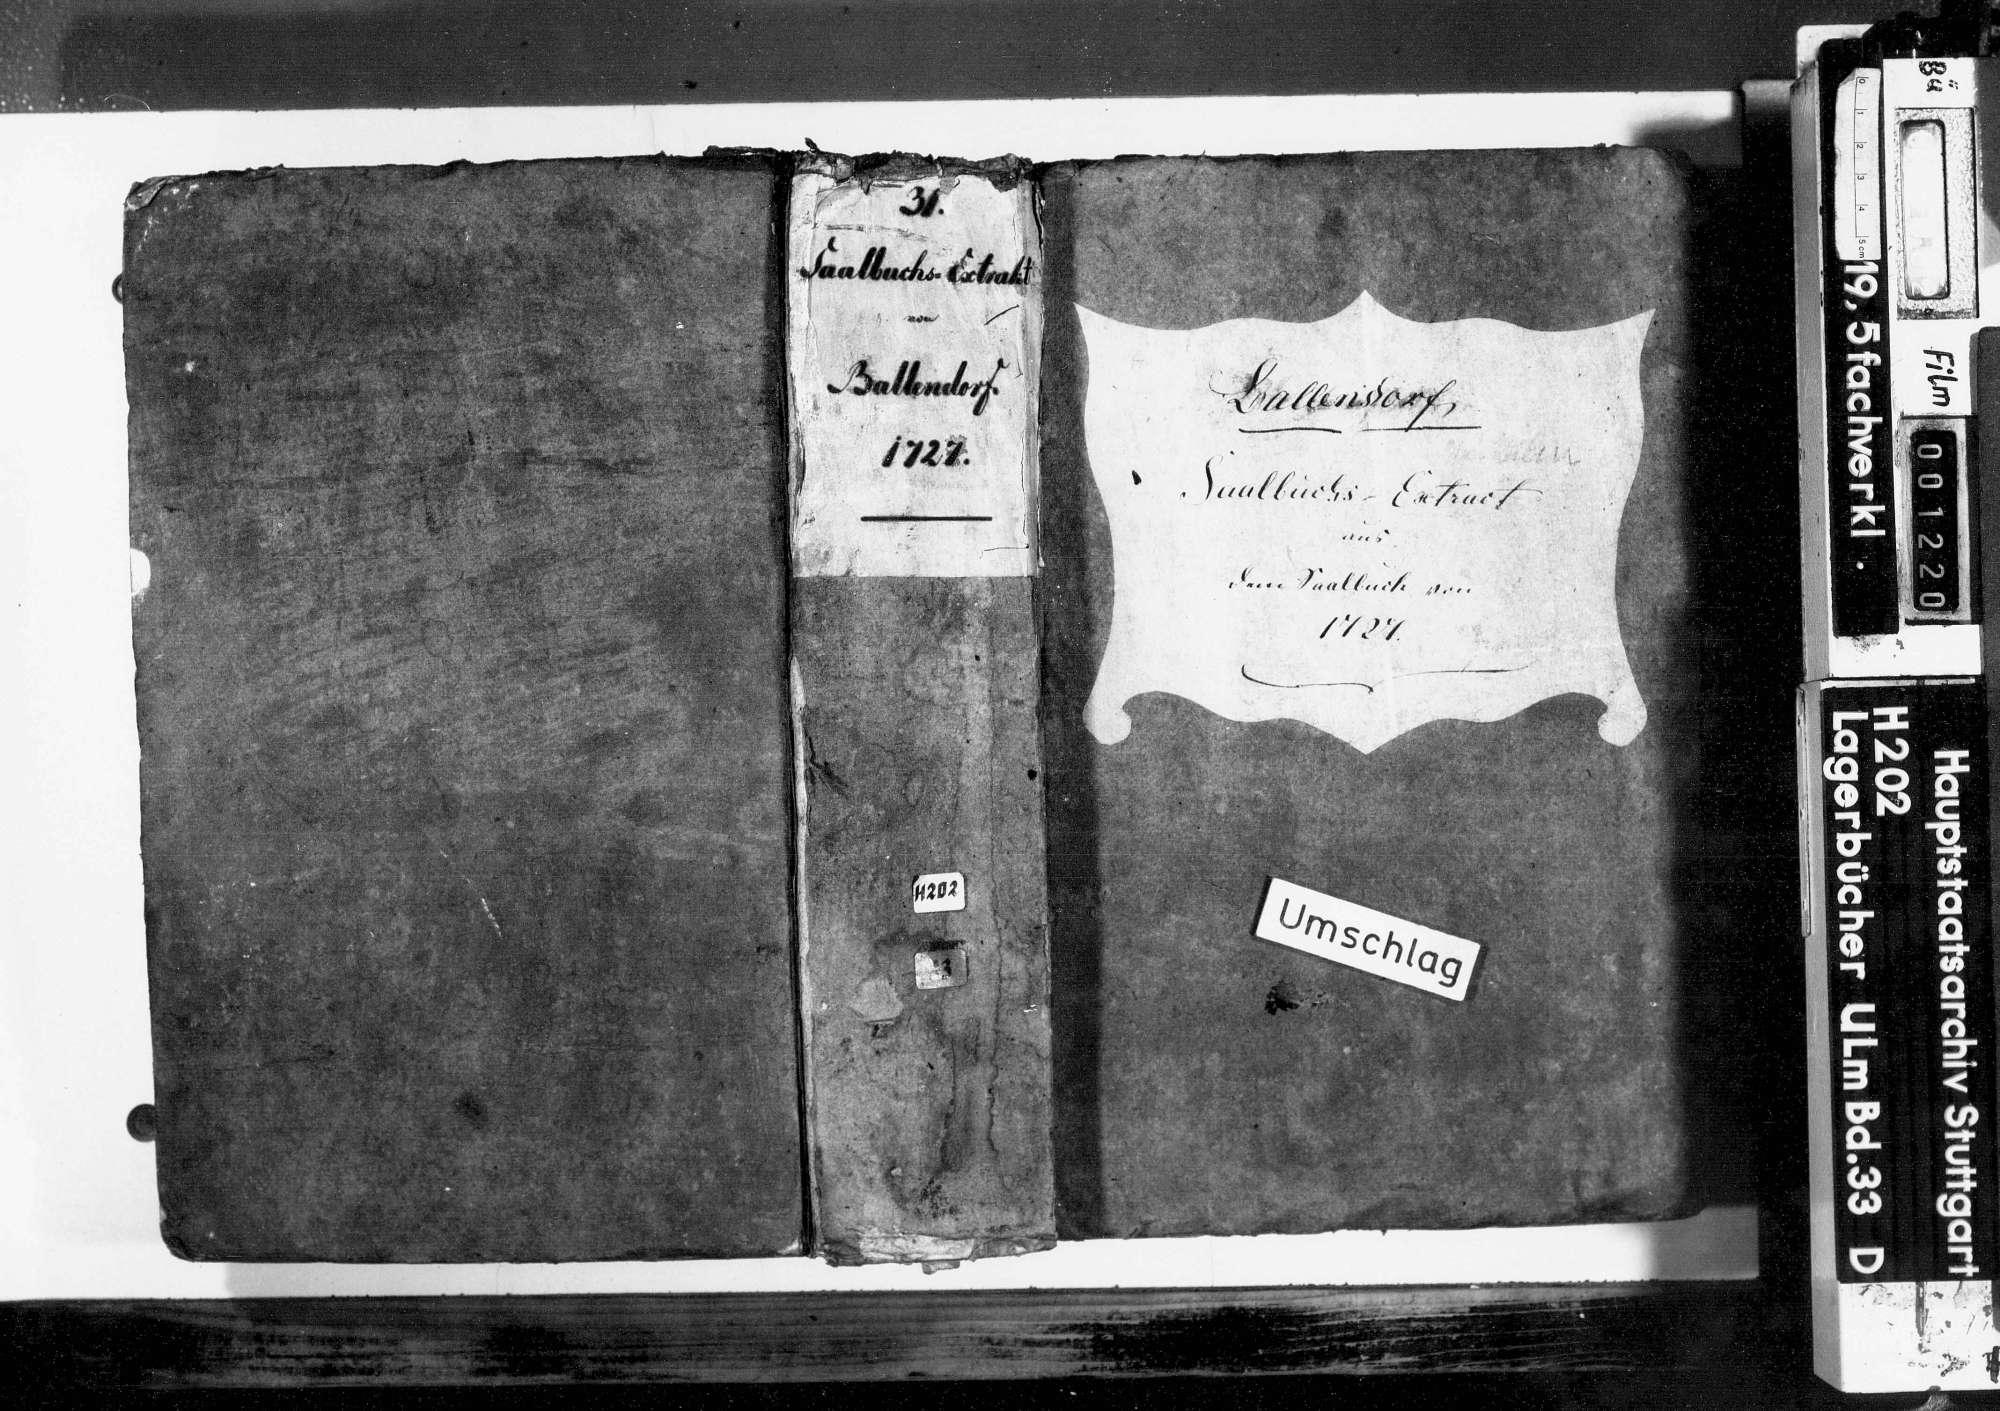 Saalbuch über das Amt Ballendorf: Auszug, Bild 1